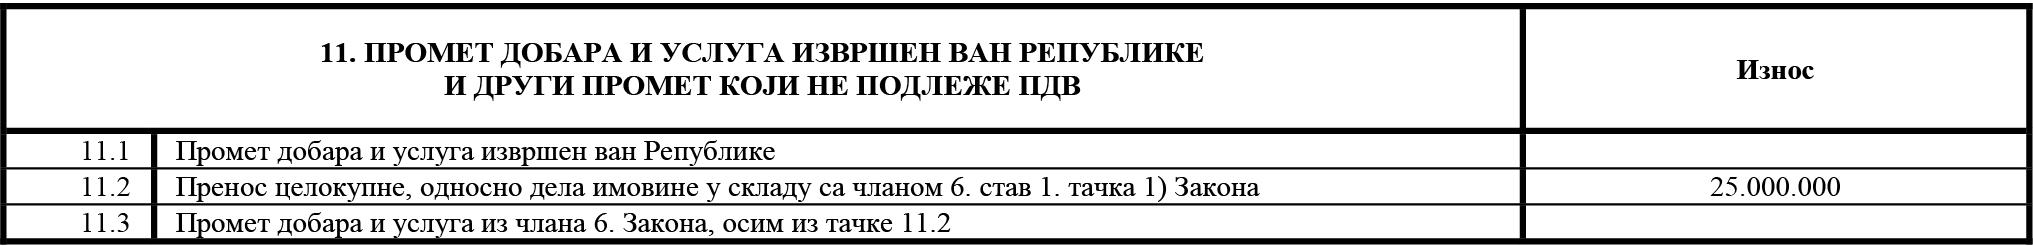 uputstvo PU obrazac POPDV primer 137